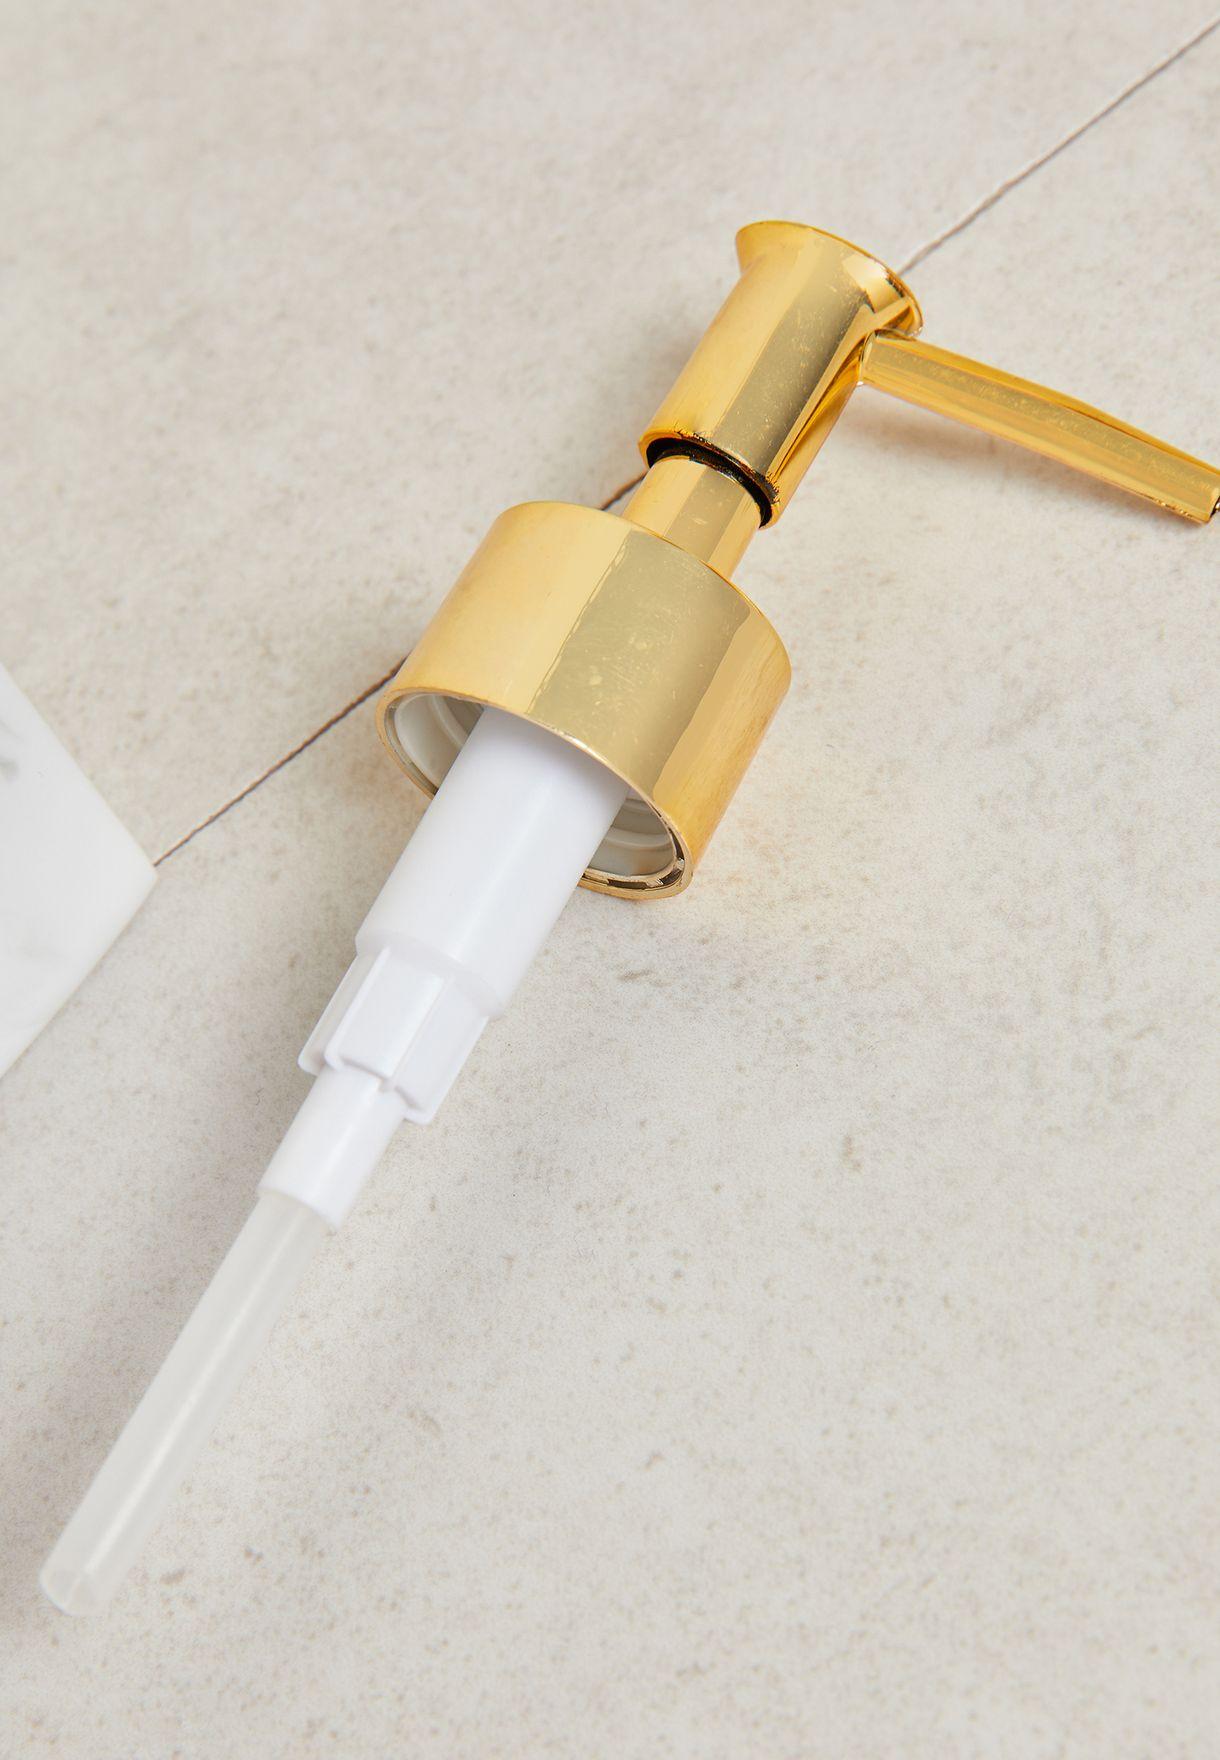 White & Gold Marble Soap Dispenser